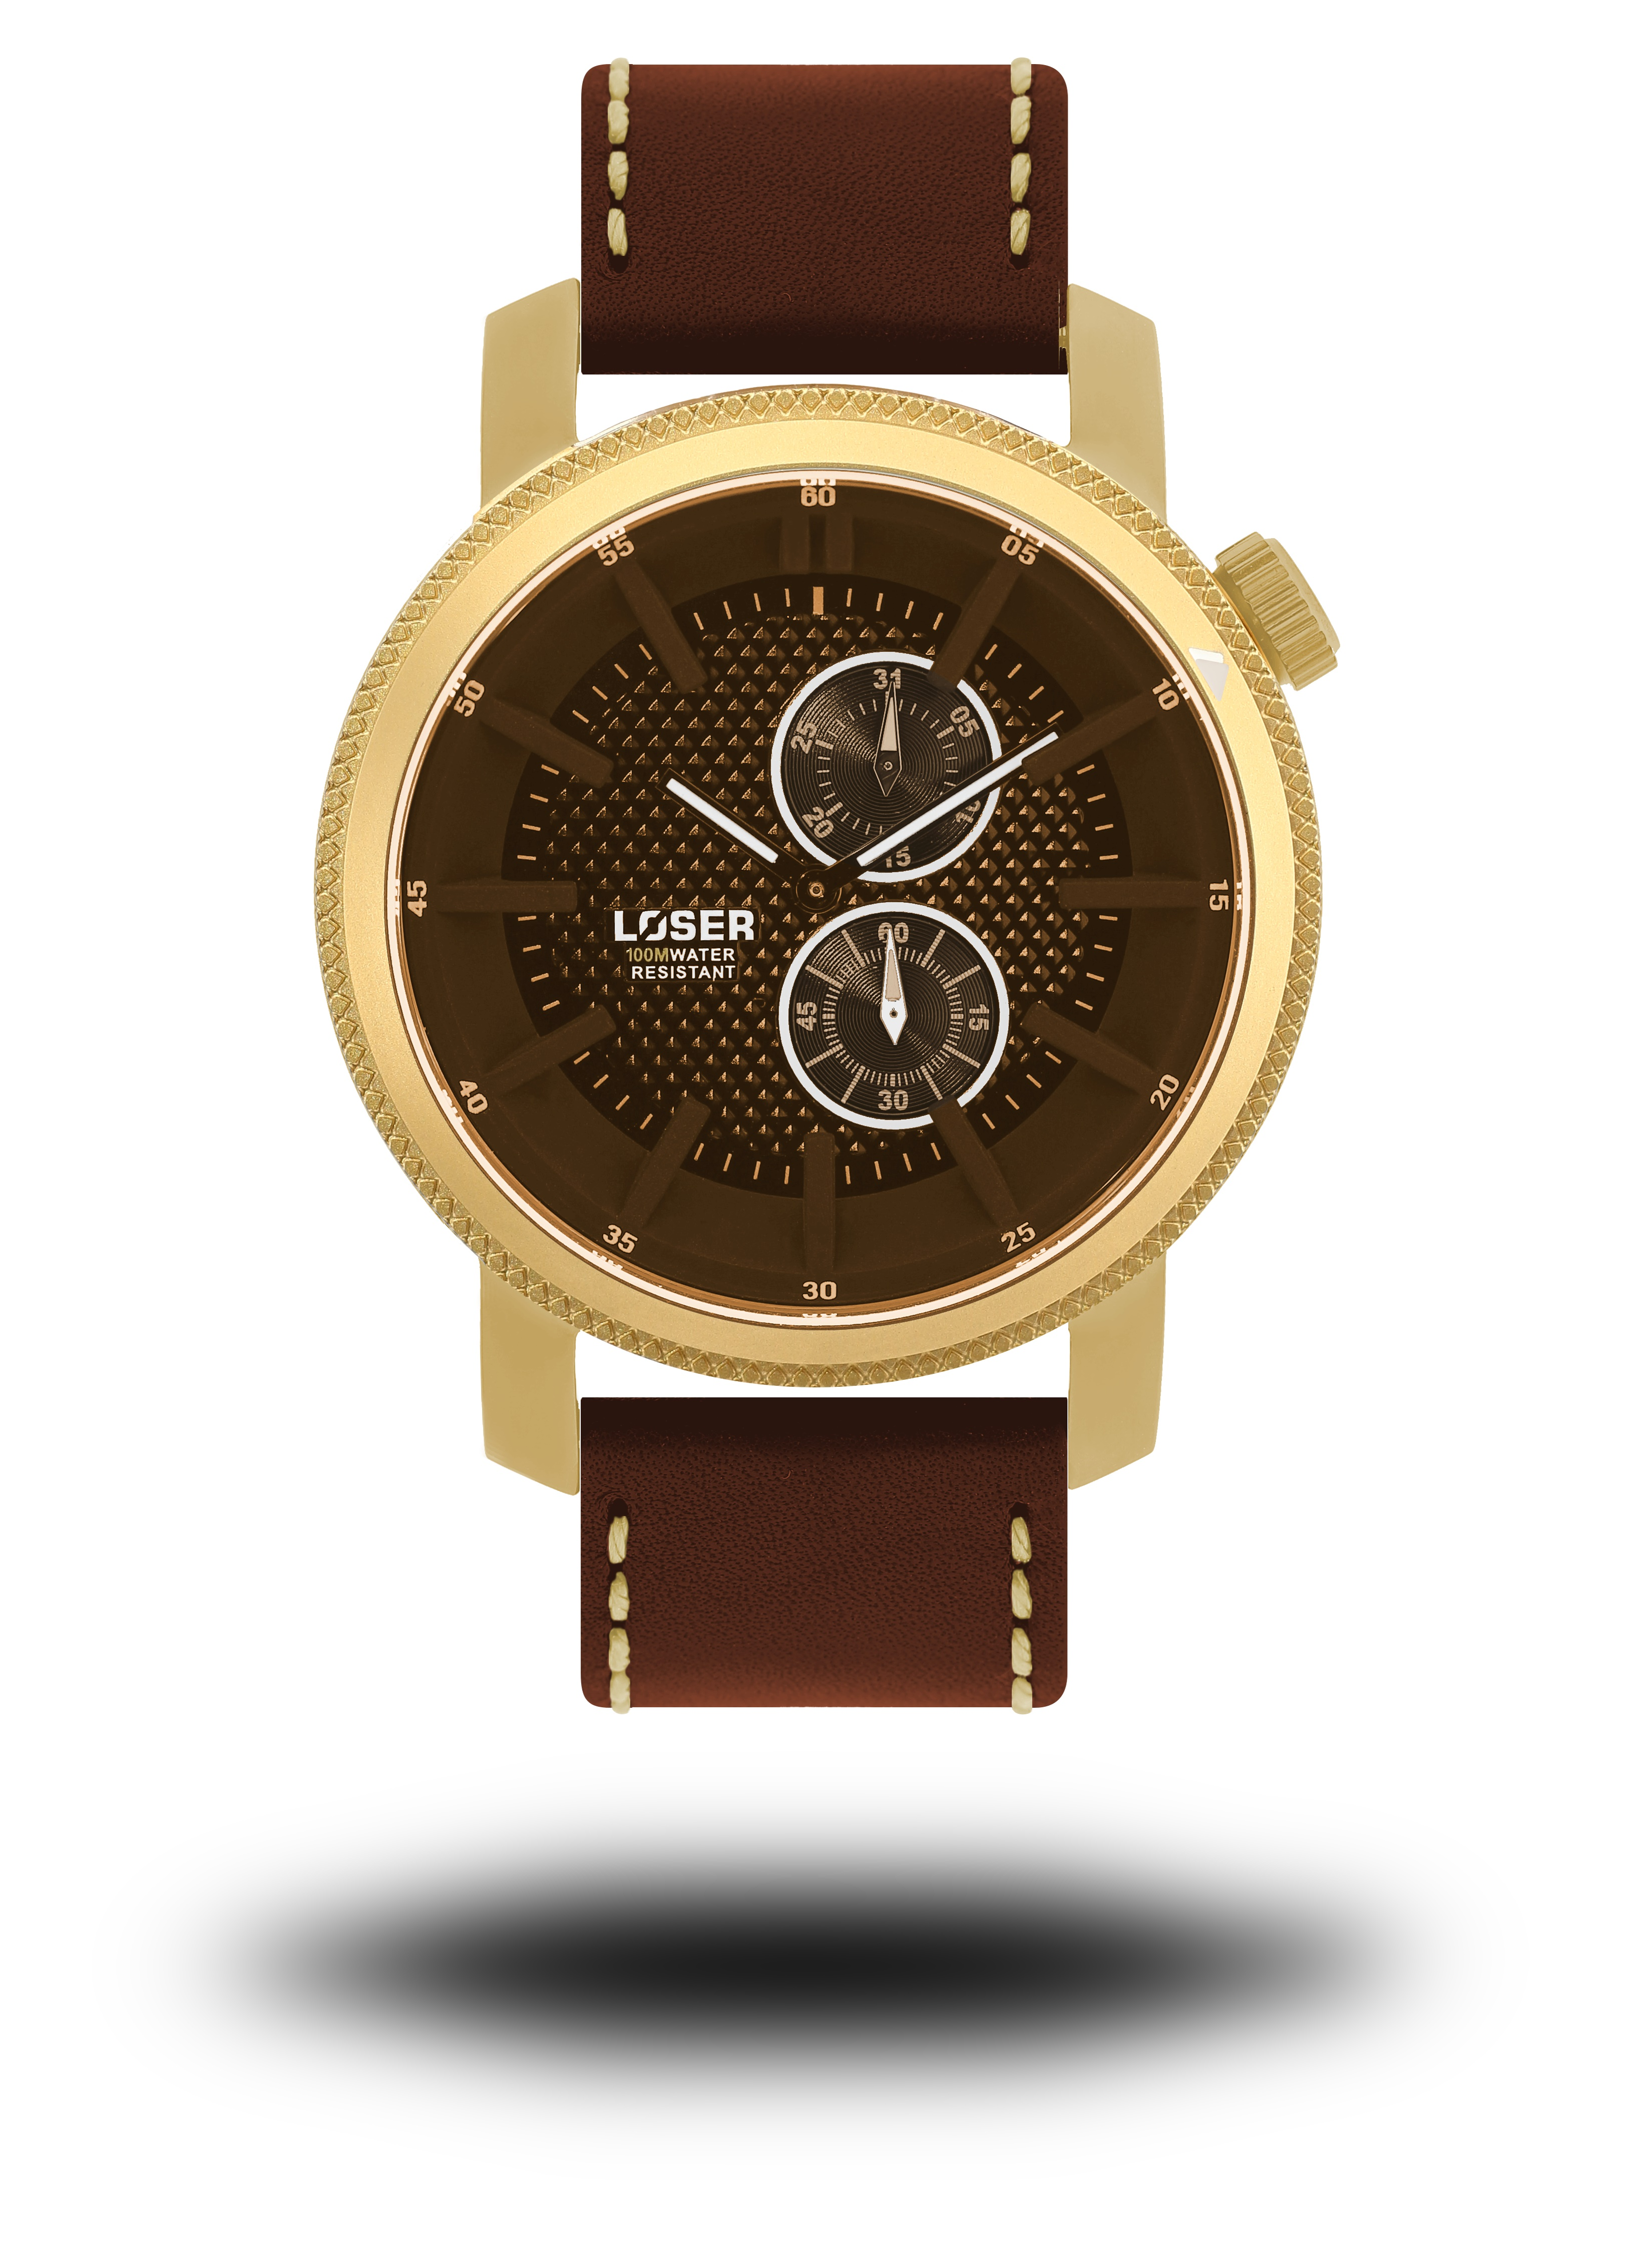 Luxusní nadčasové sportovní vodotěsné hodinky LOSER Infinity EMPIRE (POŠTOVNÉ ZDARMA!! - zlaté)